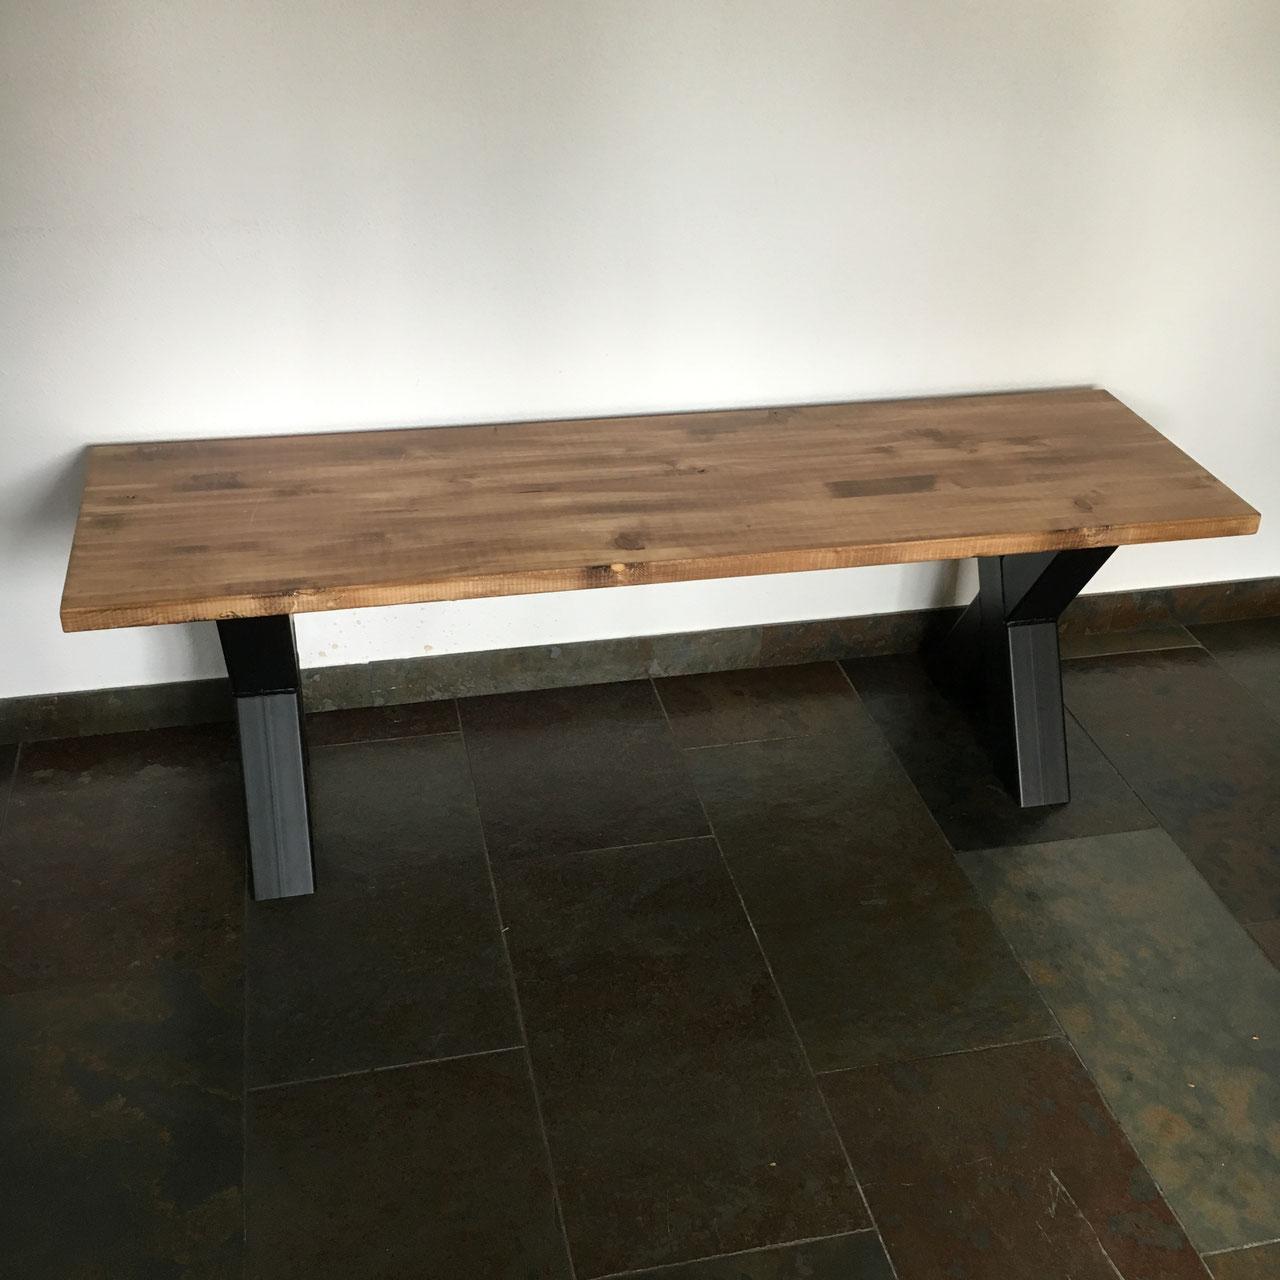 Eetbank zwart staal  old wood  Unieke stoere meubelen